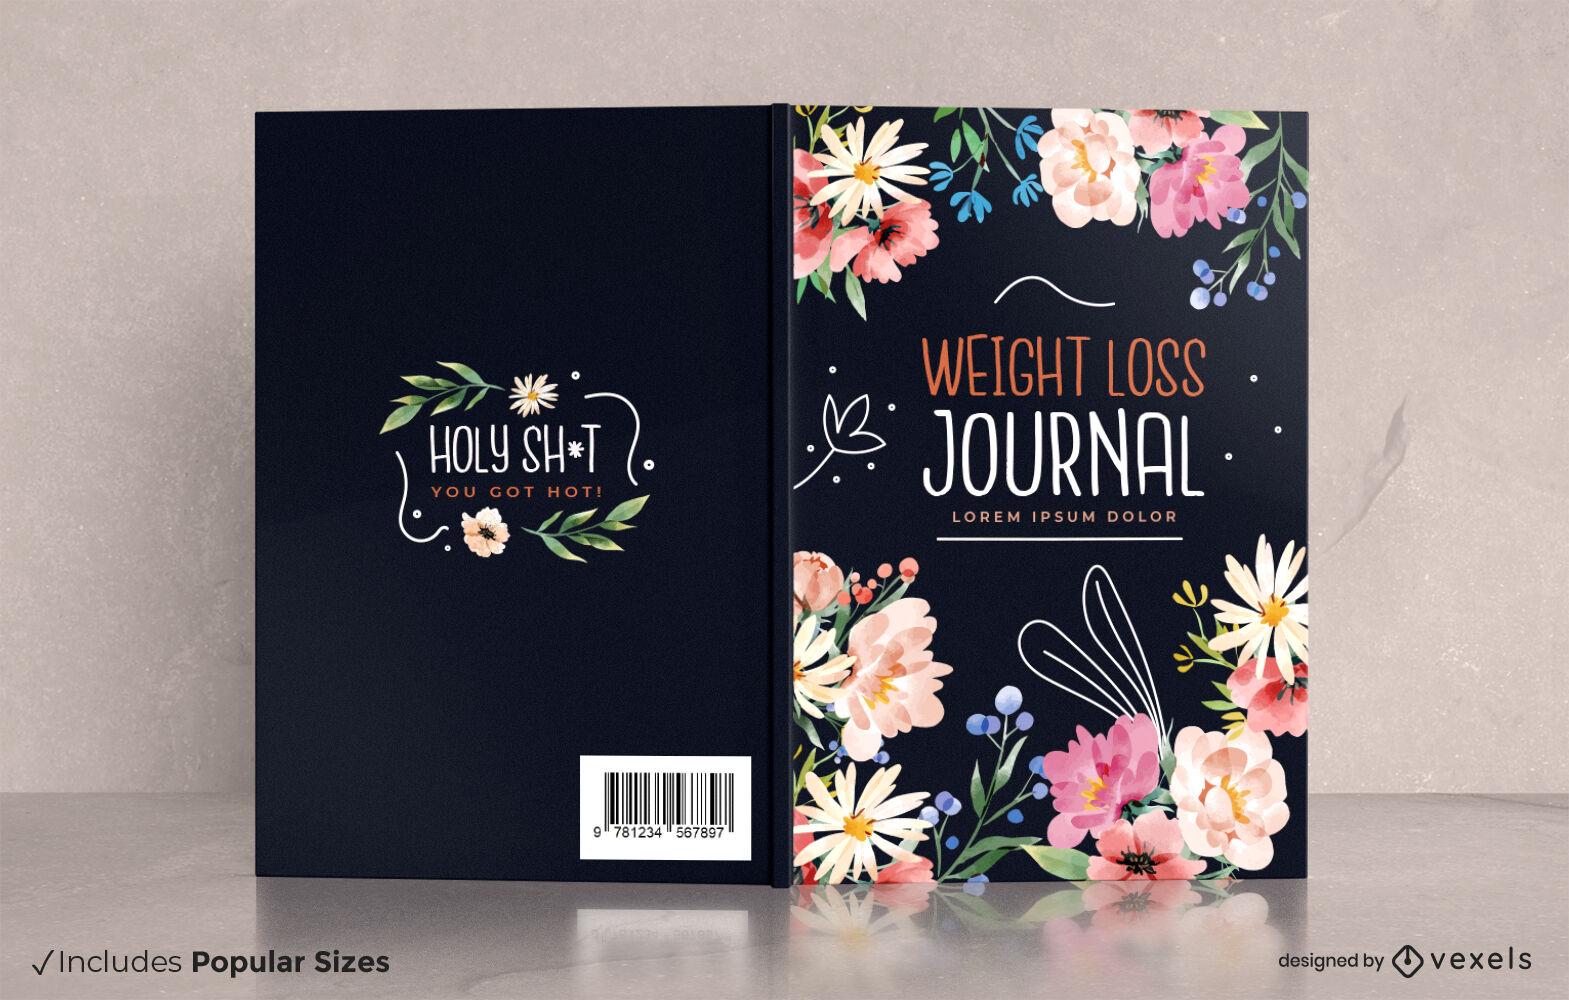 Dise?o de portada de diario floral de p?rdida de peso